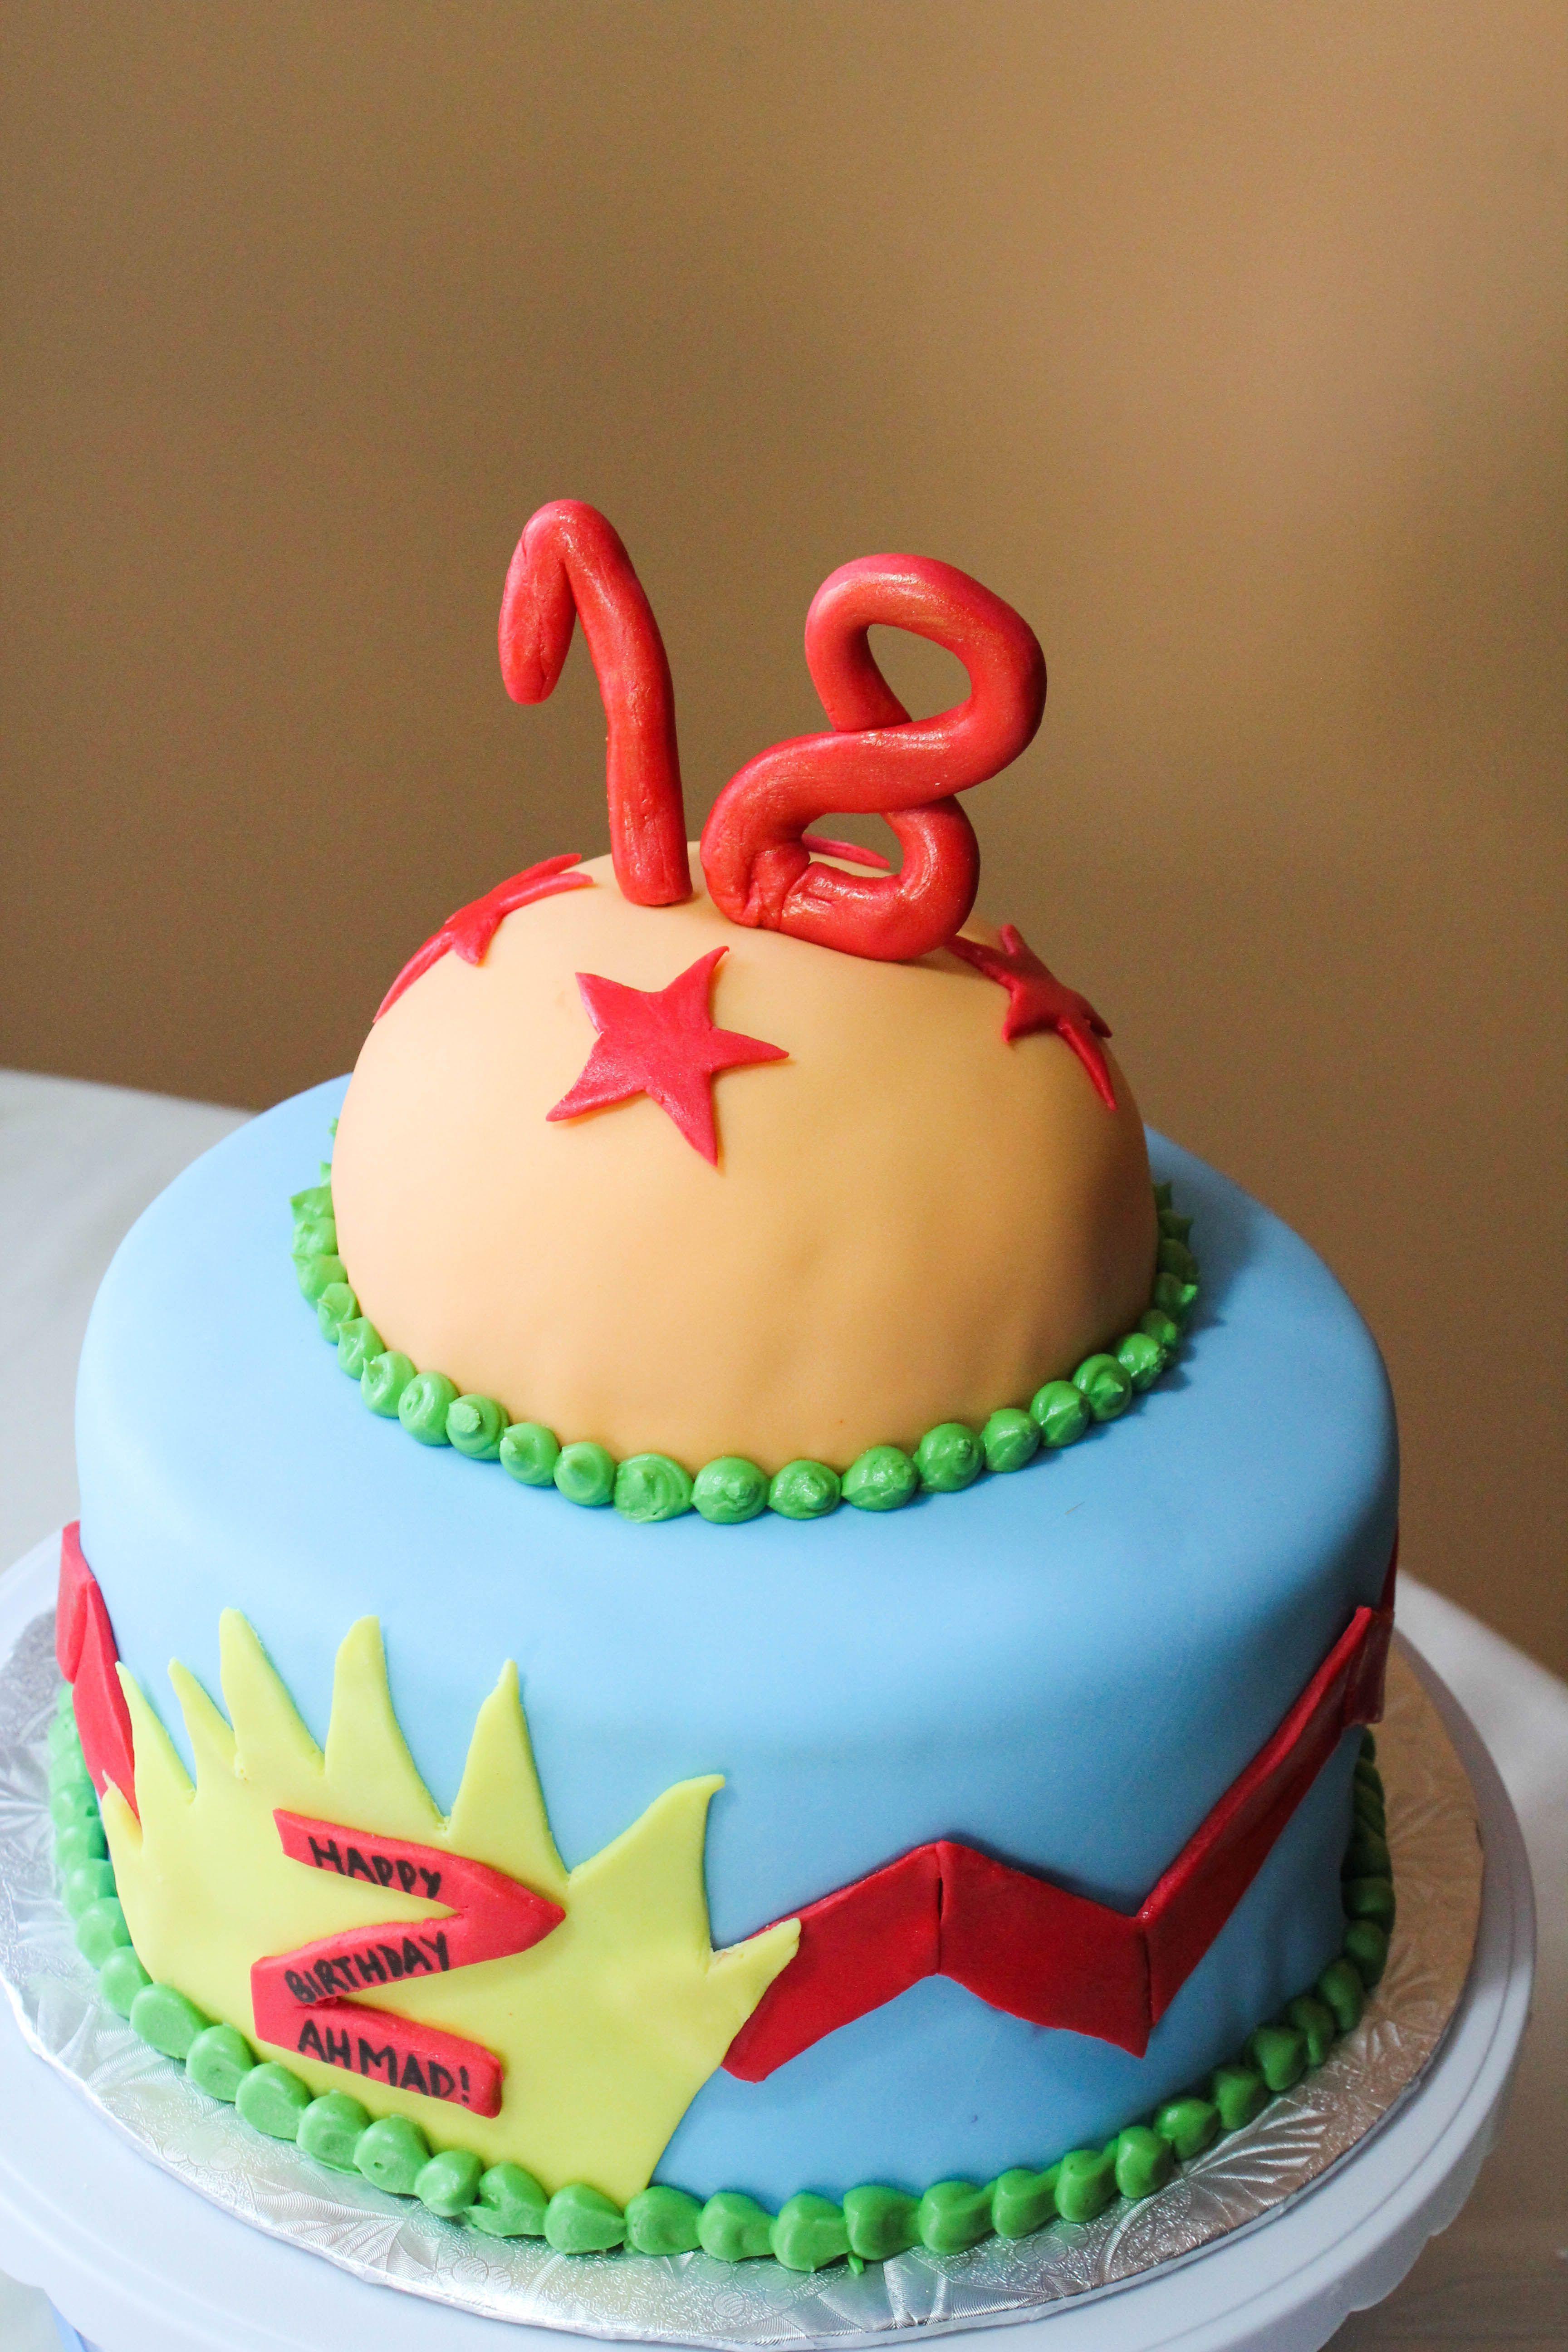 18th Birthday Dragonball Z Birthday Cake Cake Obsession